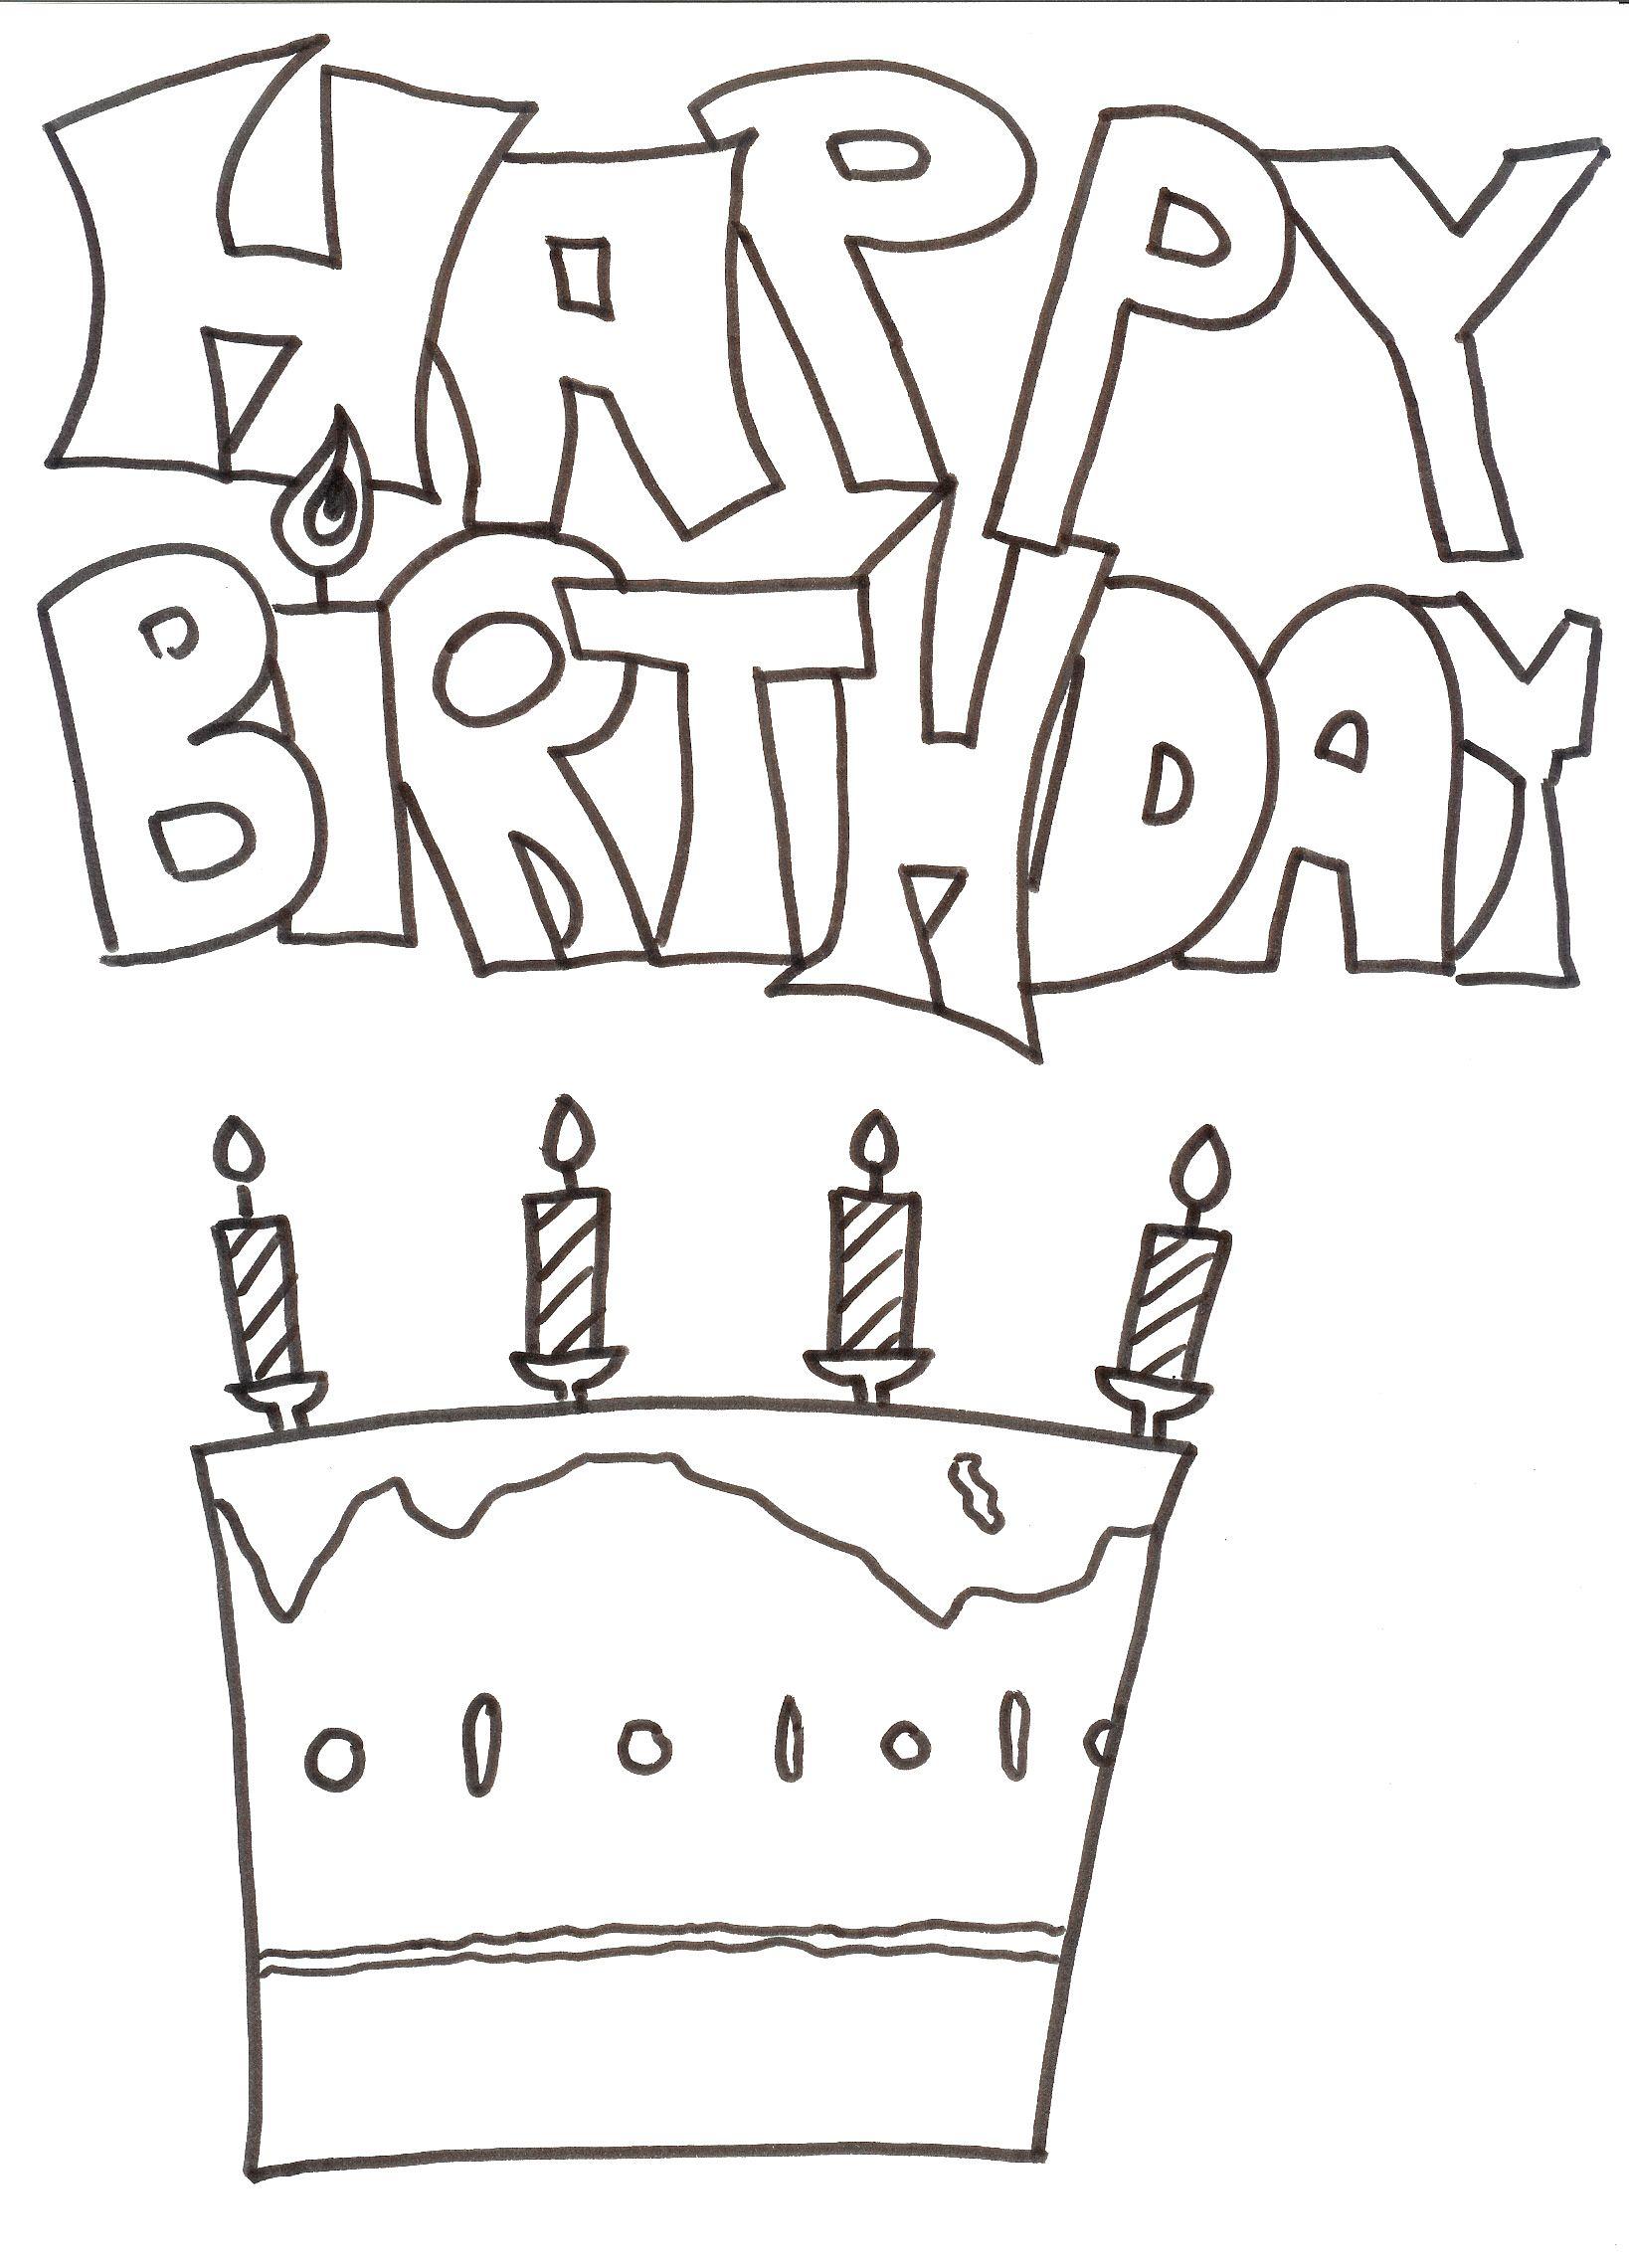 38 Bilder von Ausmalbilder Geburtstag zum Ausmalen und Drucken für kinder Kostenlose Ausmalbilder und malvorlagen zum Drucken